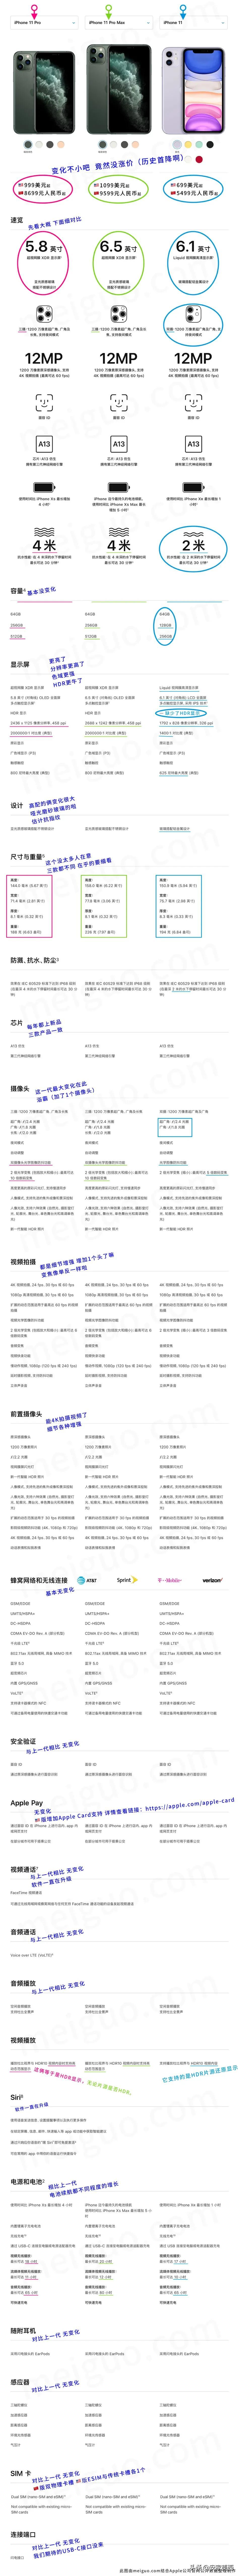 分享在 meiguo.com 上的图片